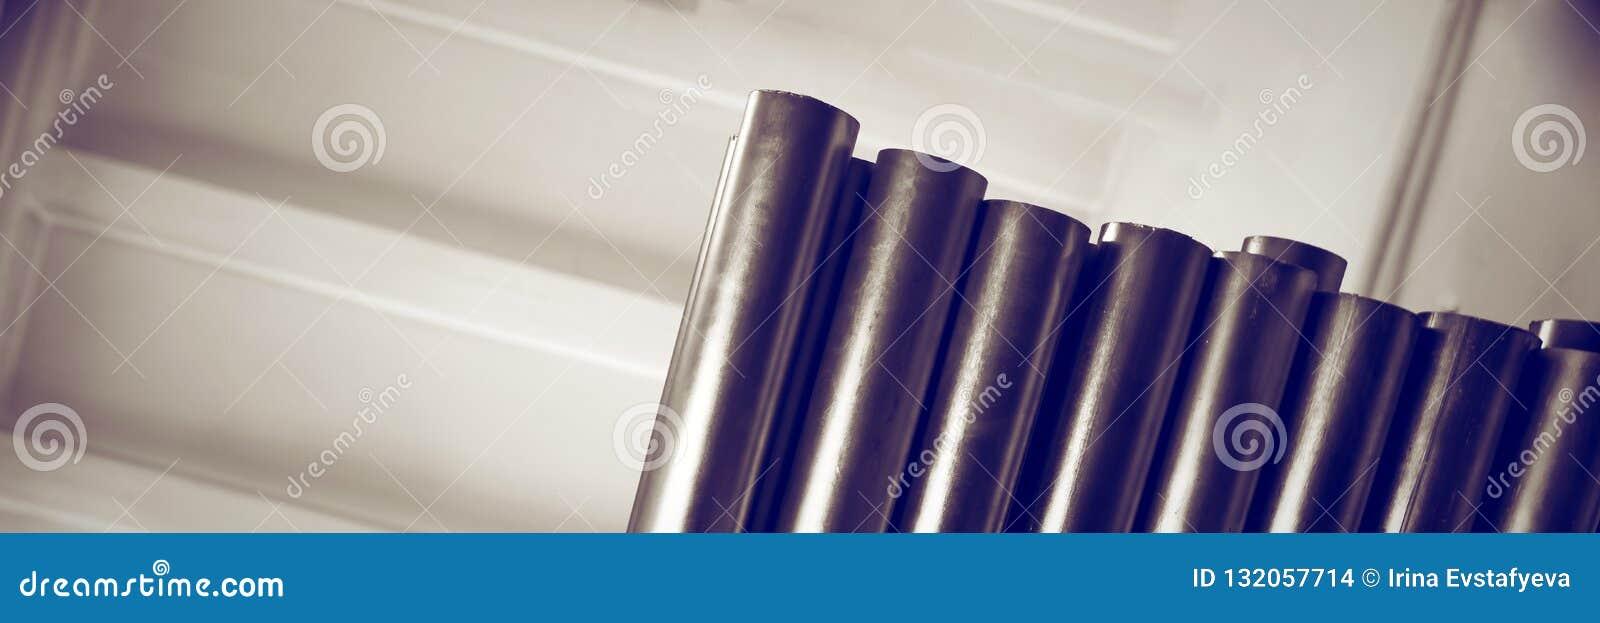 Scaffali In Metallo Cromato.I Nuovi Tubi Del Metallo Con Rivestimento Cromato Si Trovano Sugli